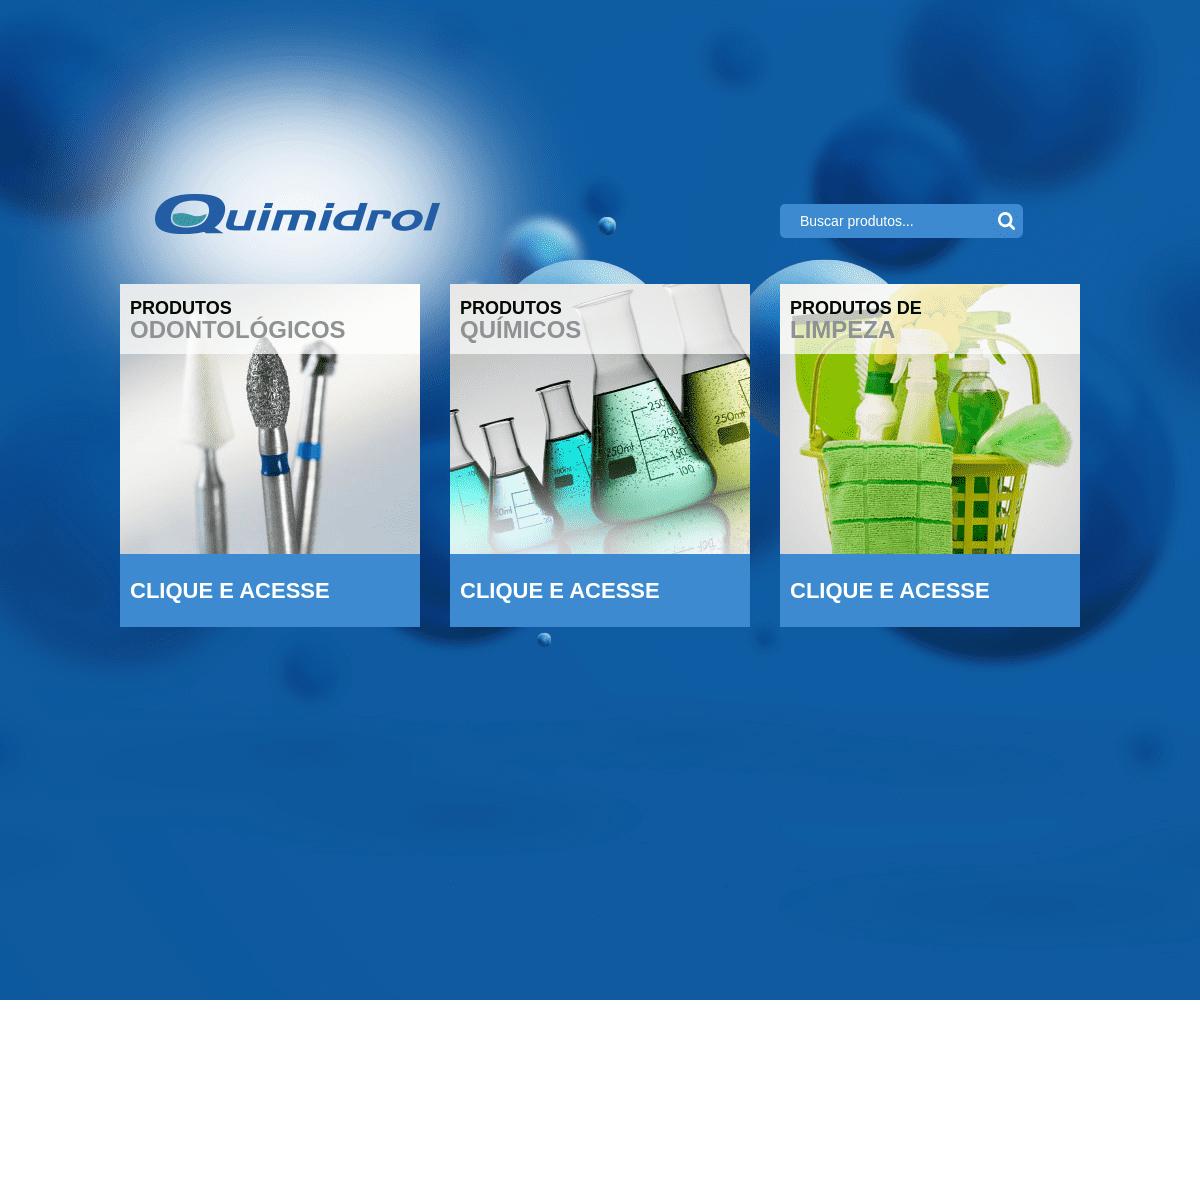 Quimidrol - Comércio, Indústria, Importação